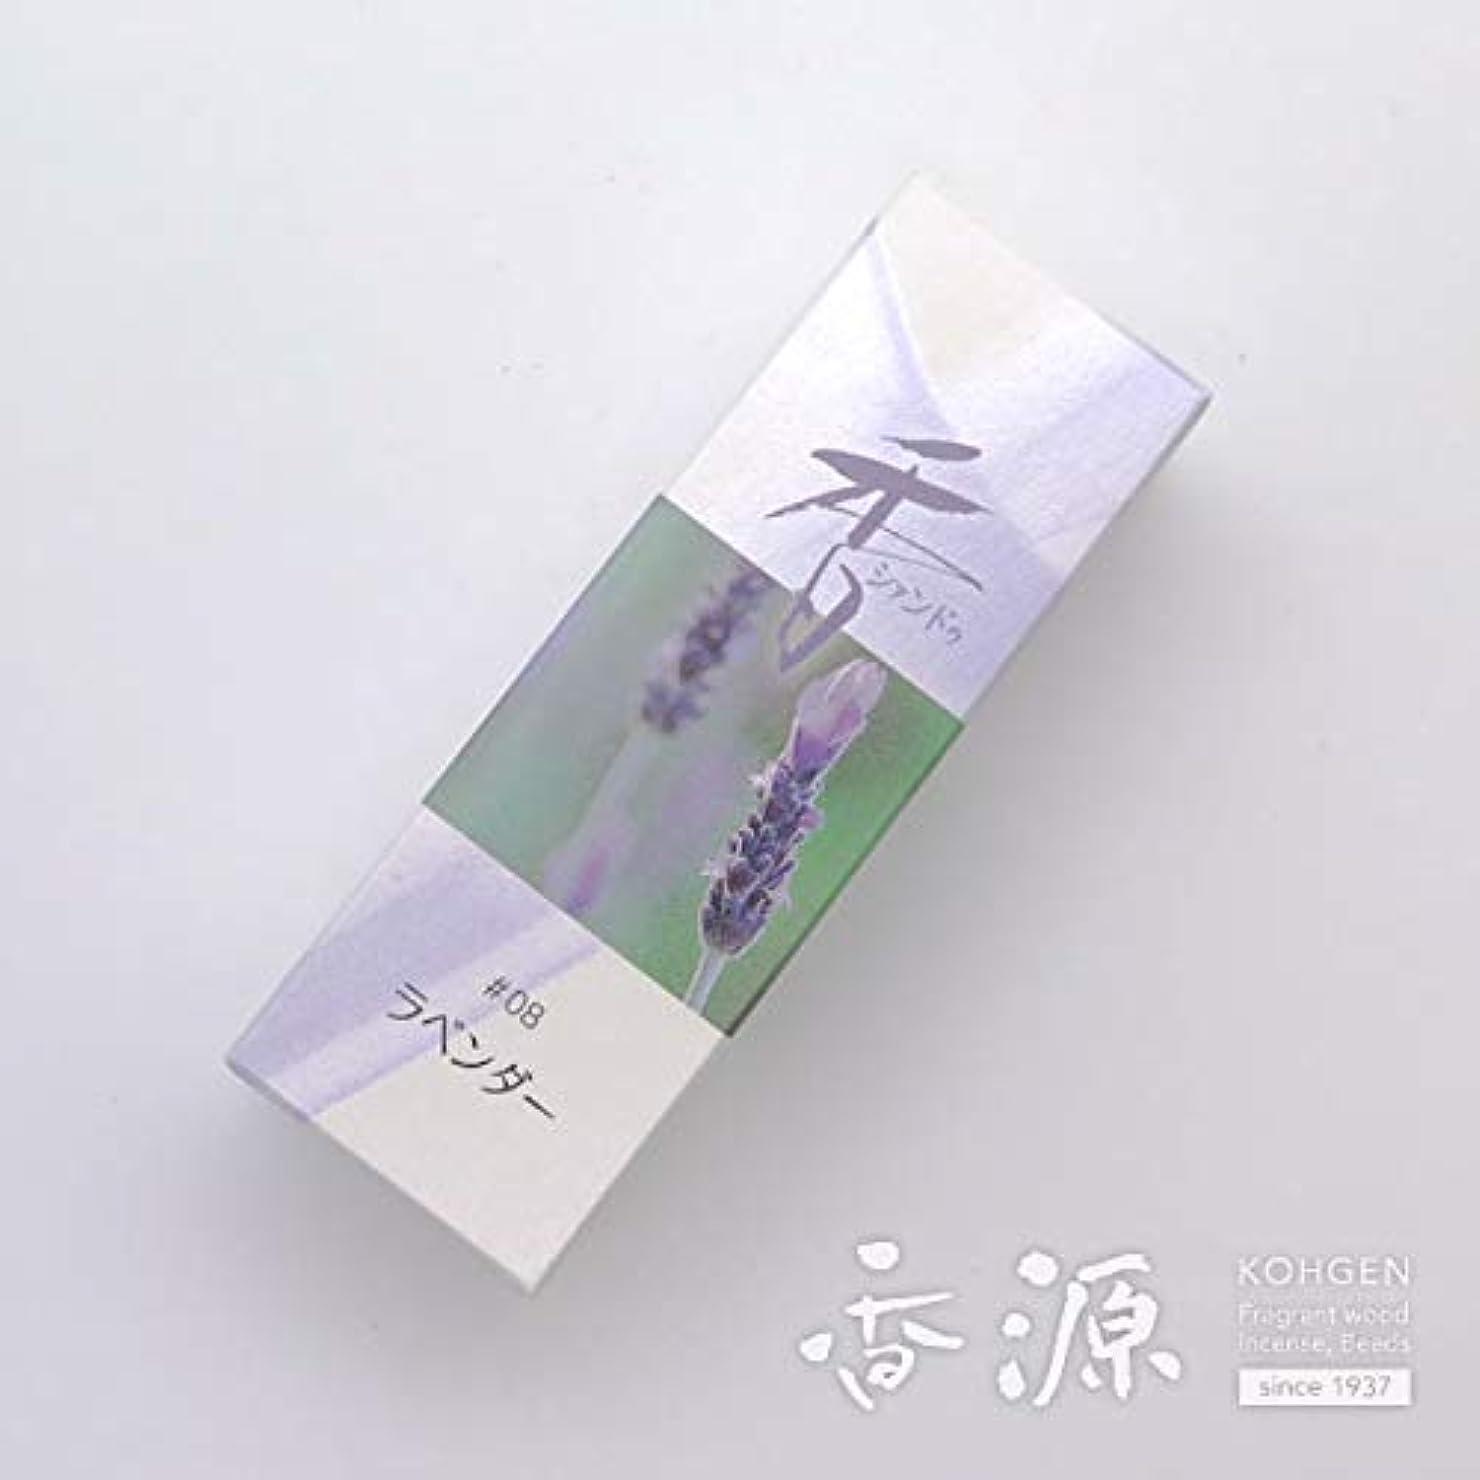 ボーダートークン忘れる松栄堂のお香 Xiang Do ラベンダー ST20本入 簡易香立付 #214208